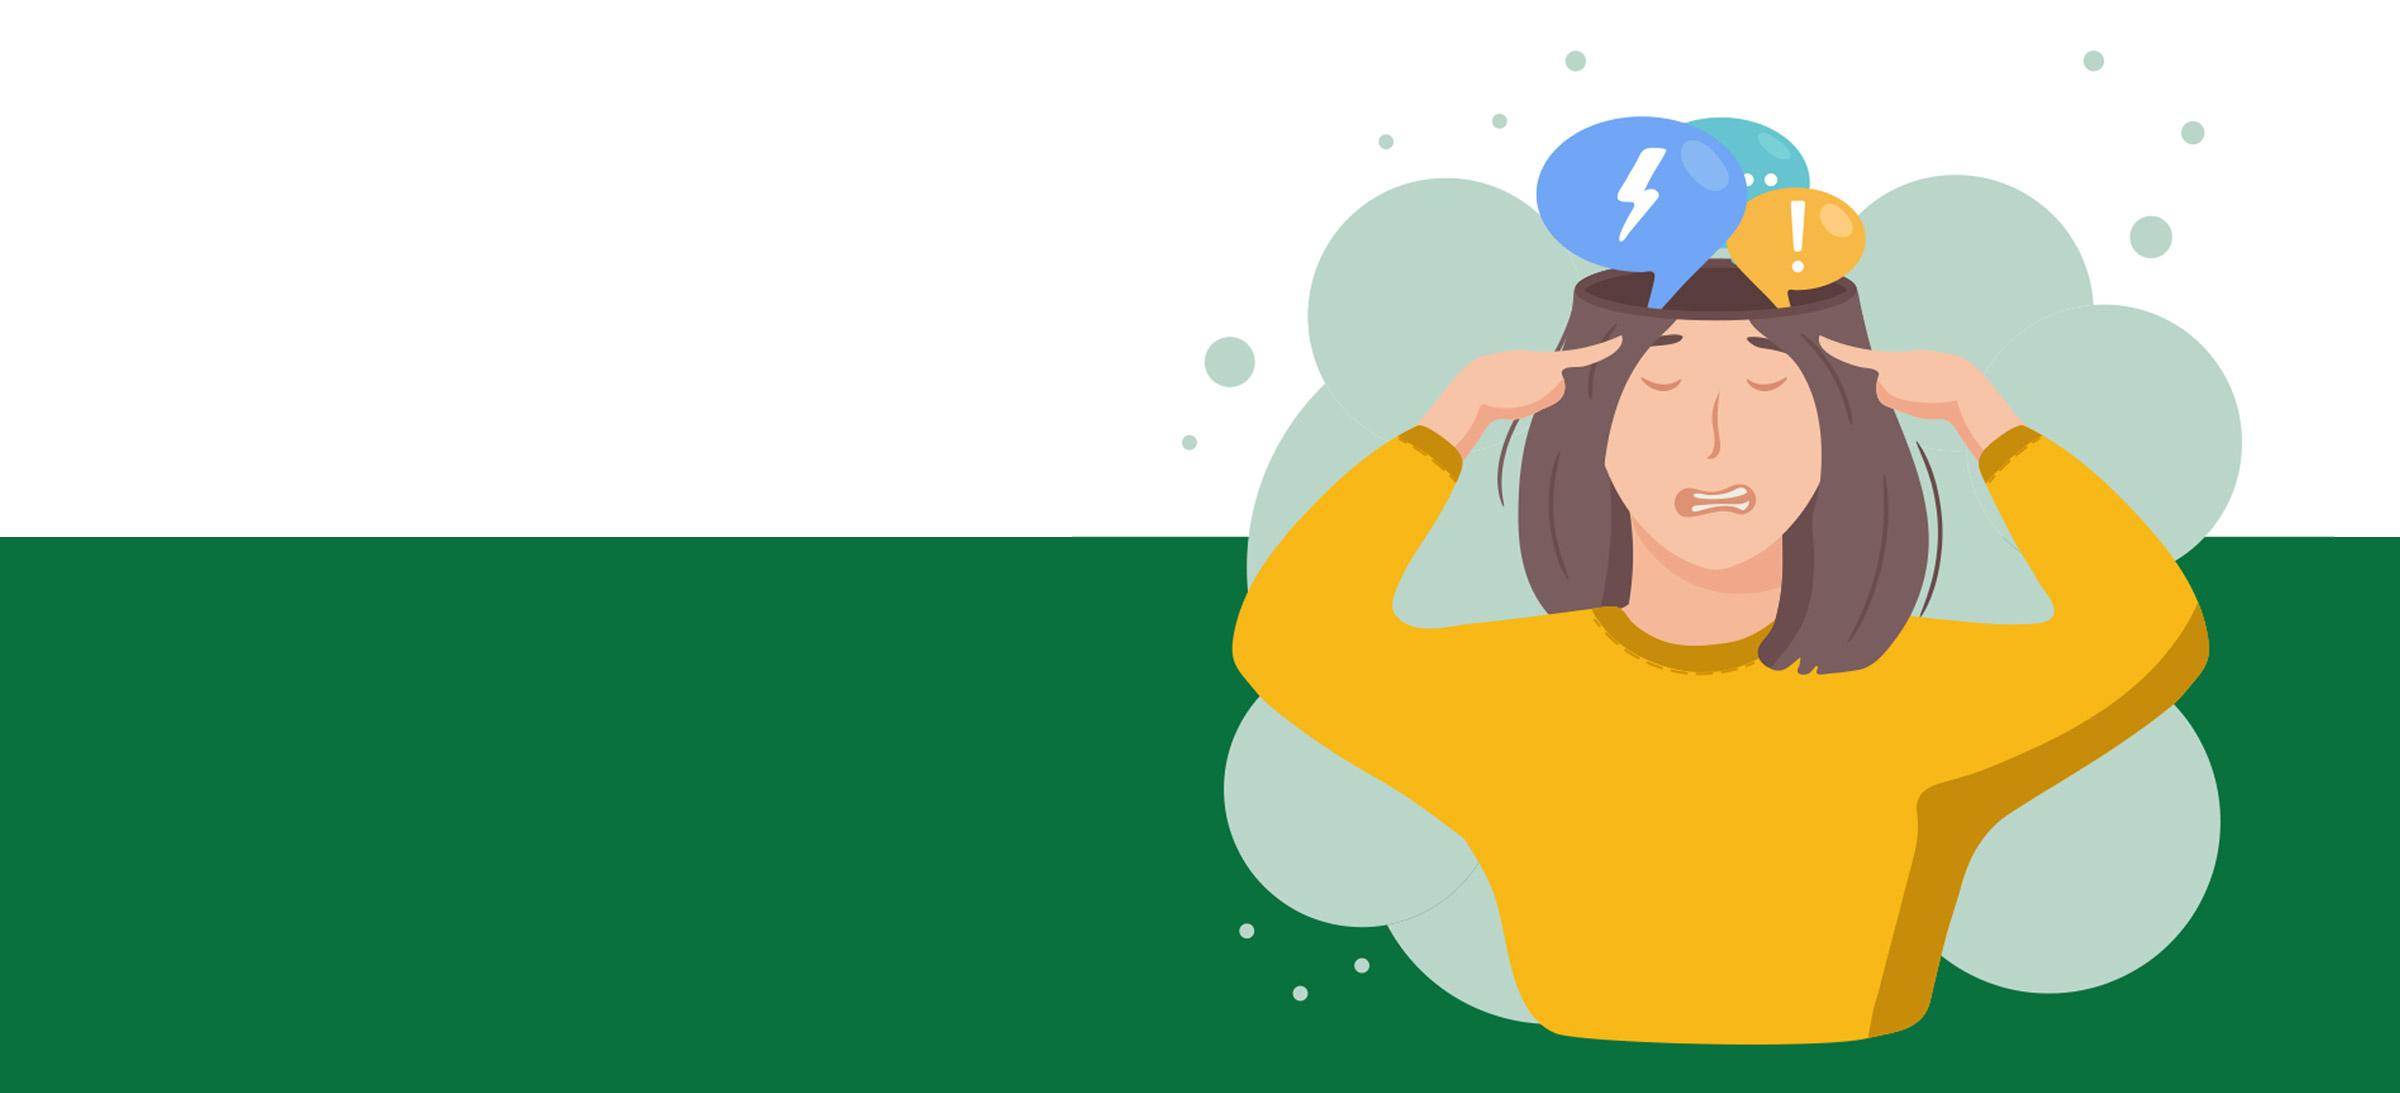 tratamento-contra-esquizofrenia